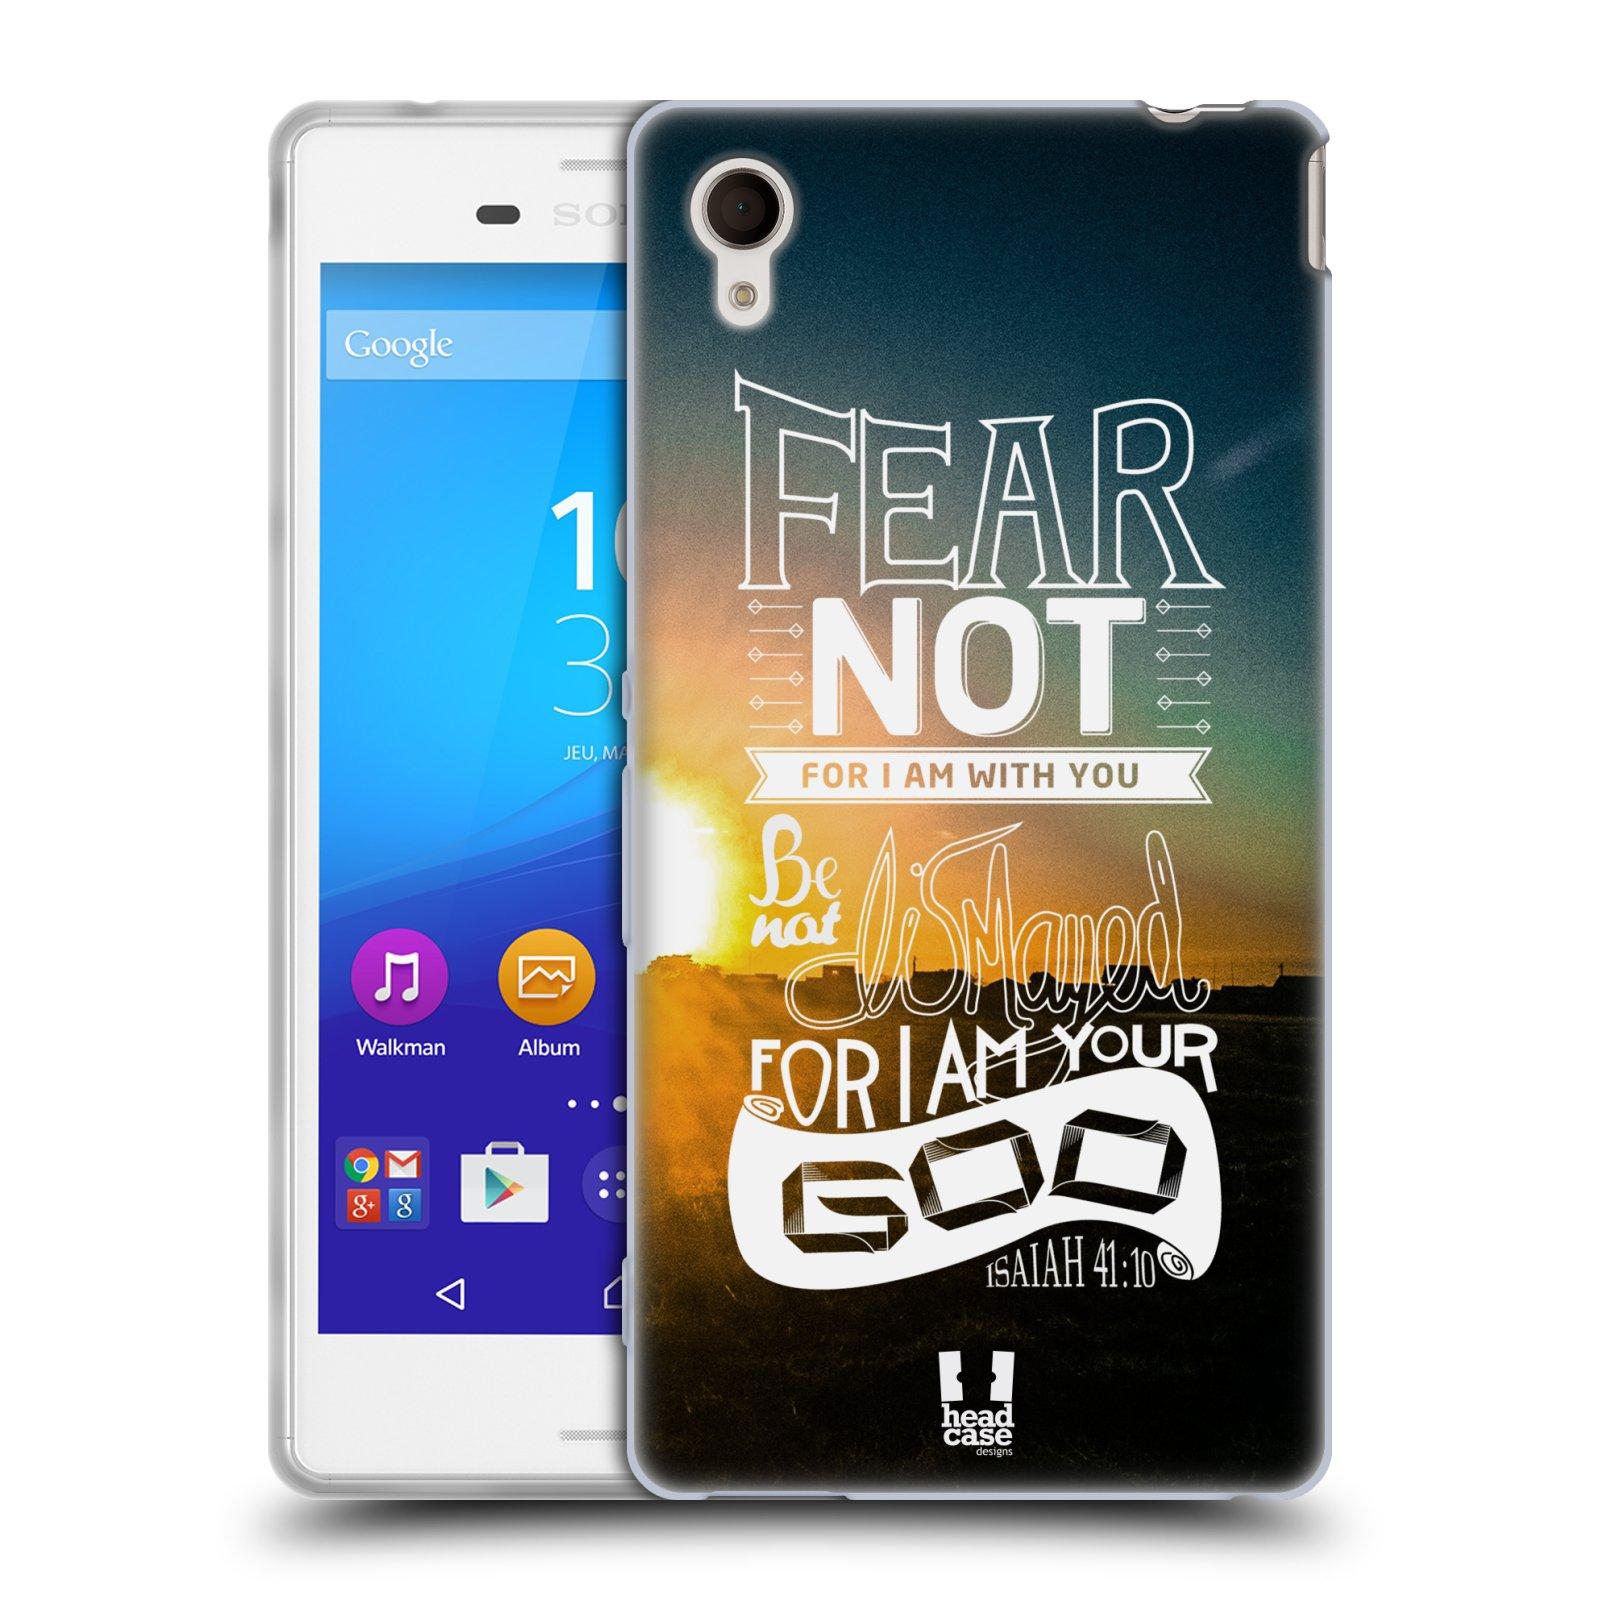 Silikonové pouzdro na mobil Sony Xperia M4 Aqua E2303 HEAD CASE FEAR (Silikonový kryt či obal na mobilní telefon Sony Xperia M4 Aqua a M4 Aqua Dual SIM)